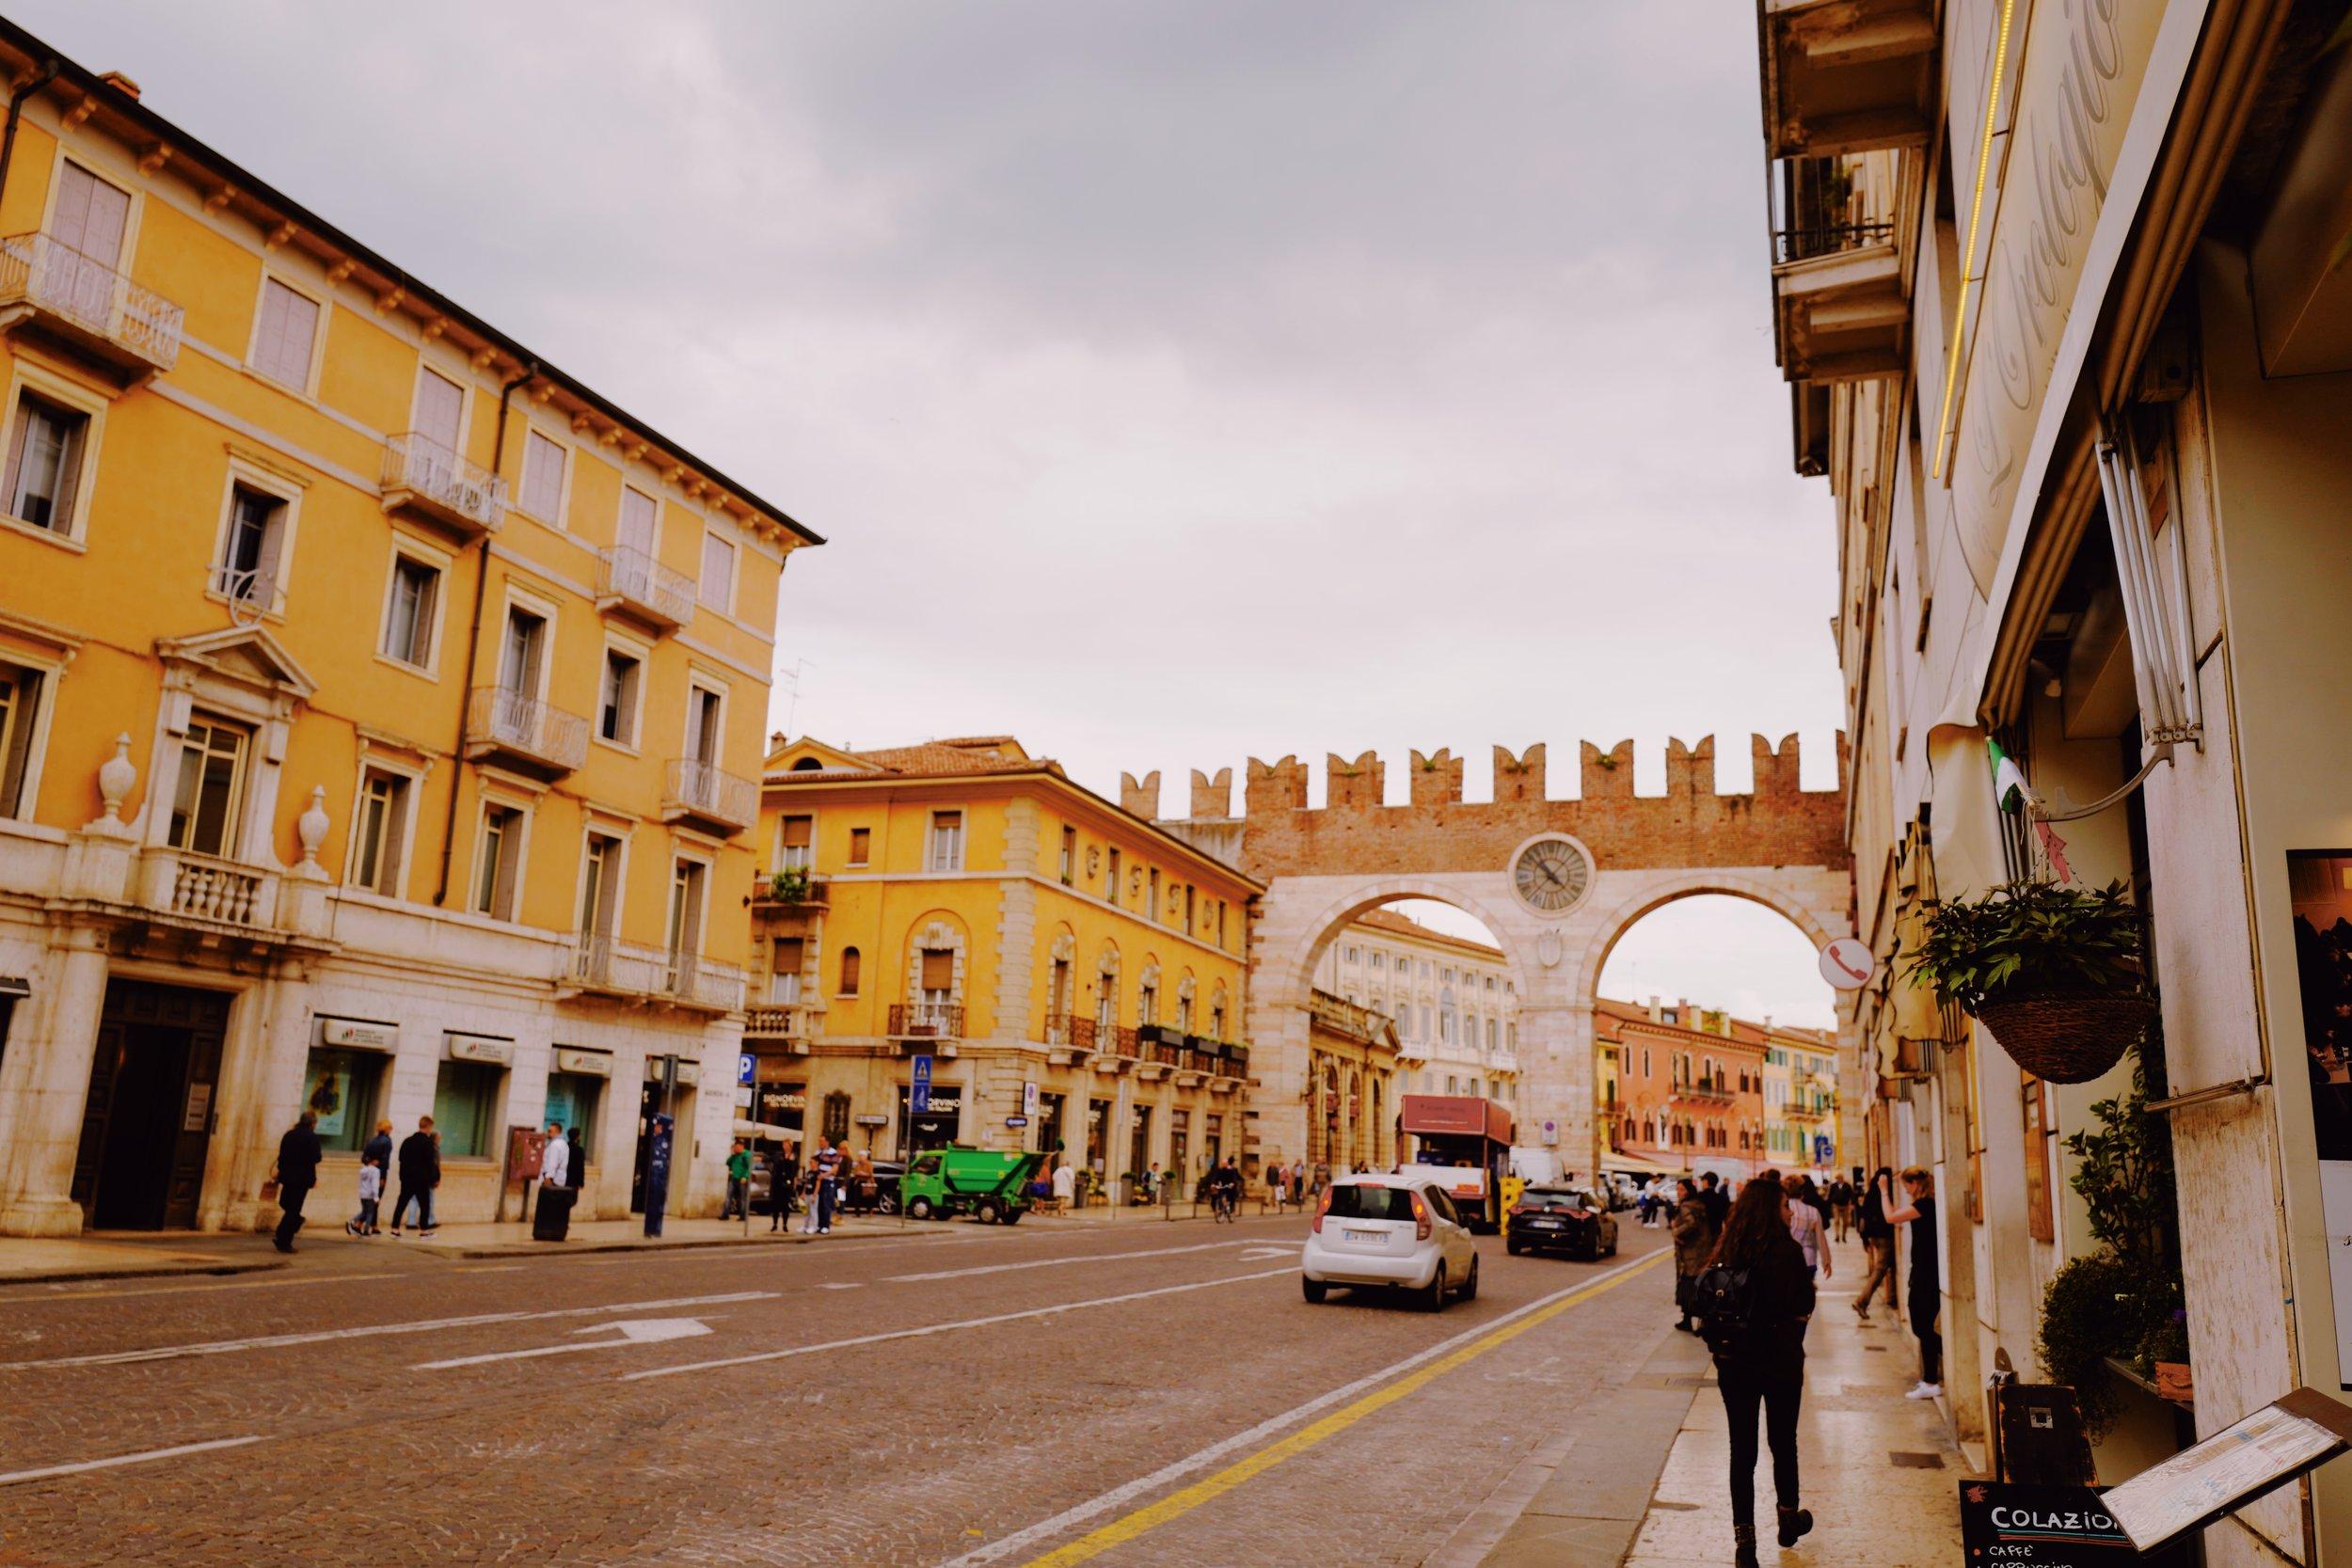 Walking into the town center, view of the Portoni della Bra